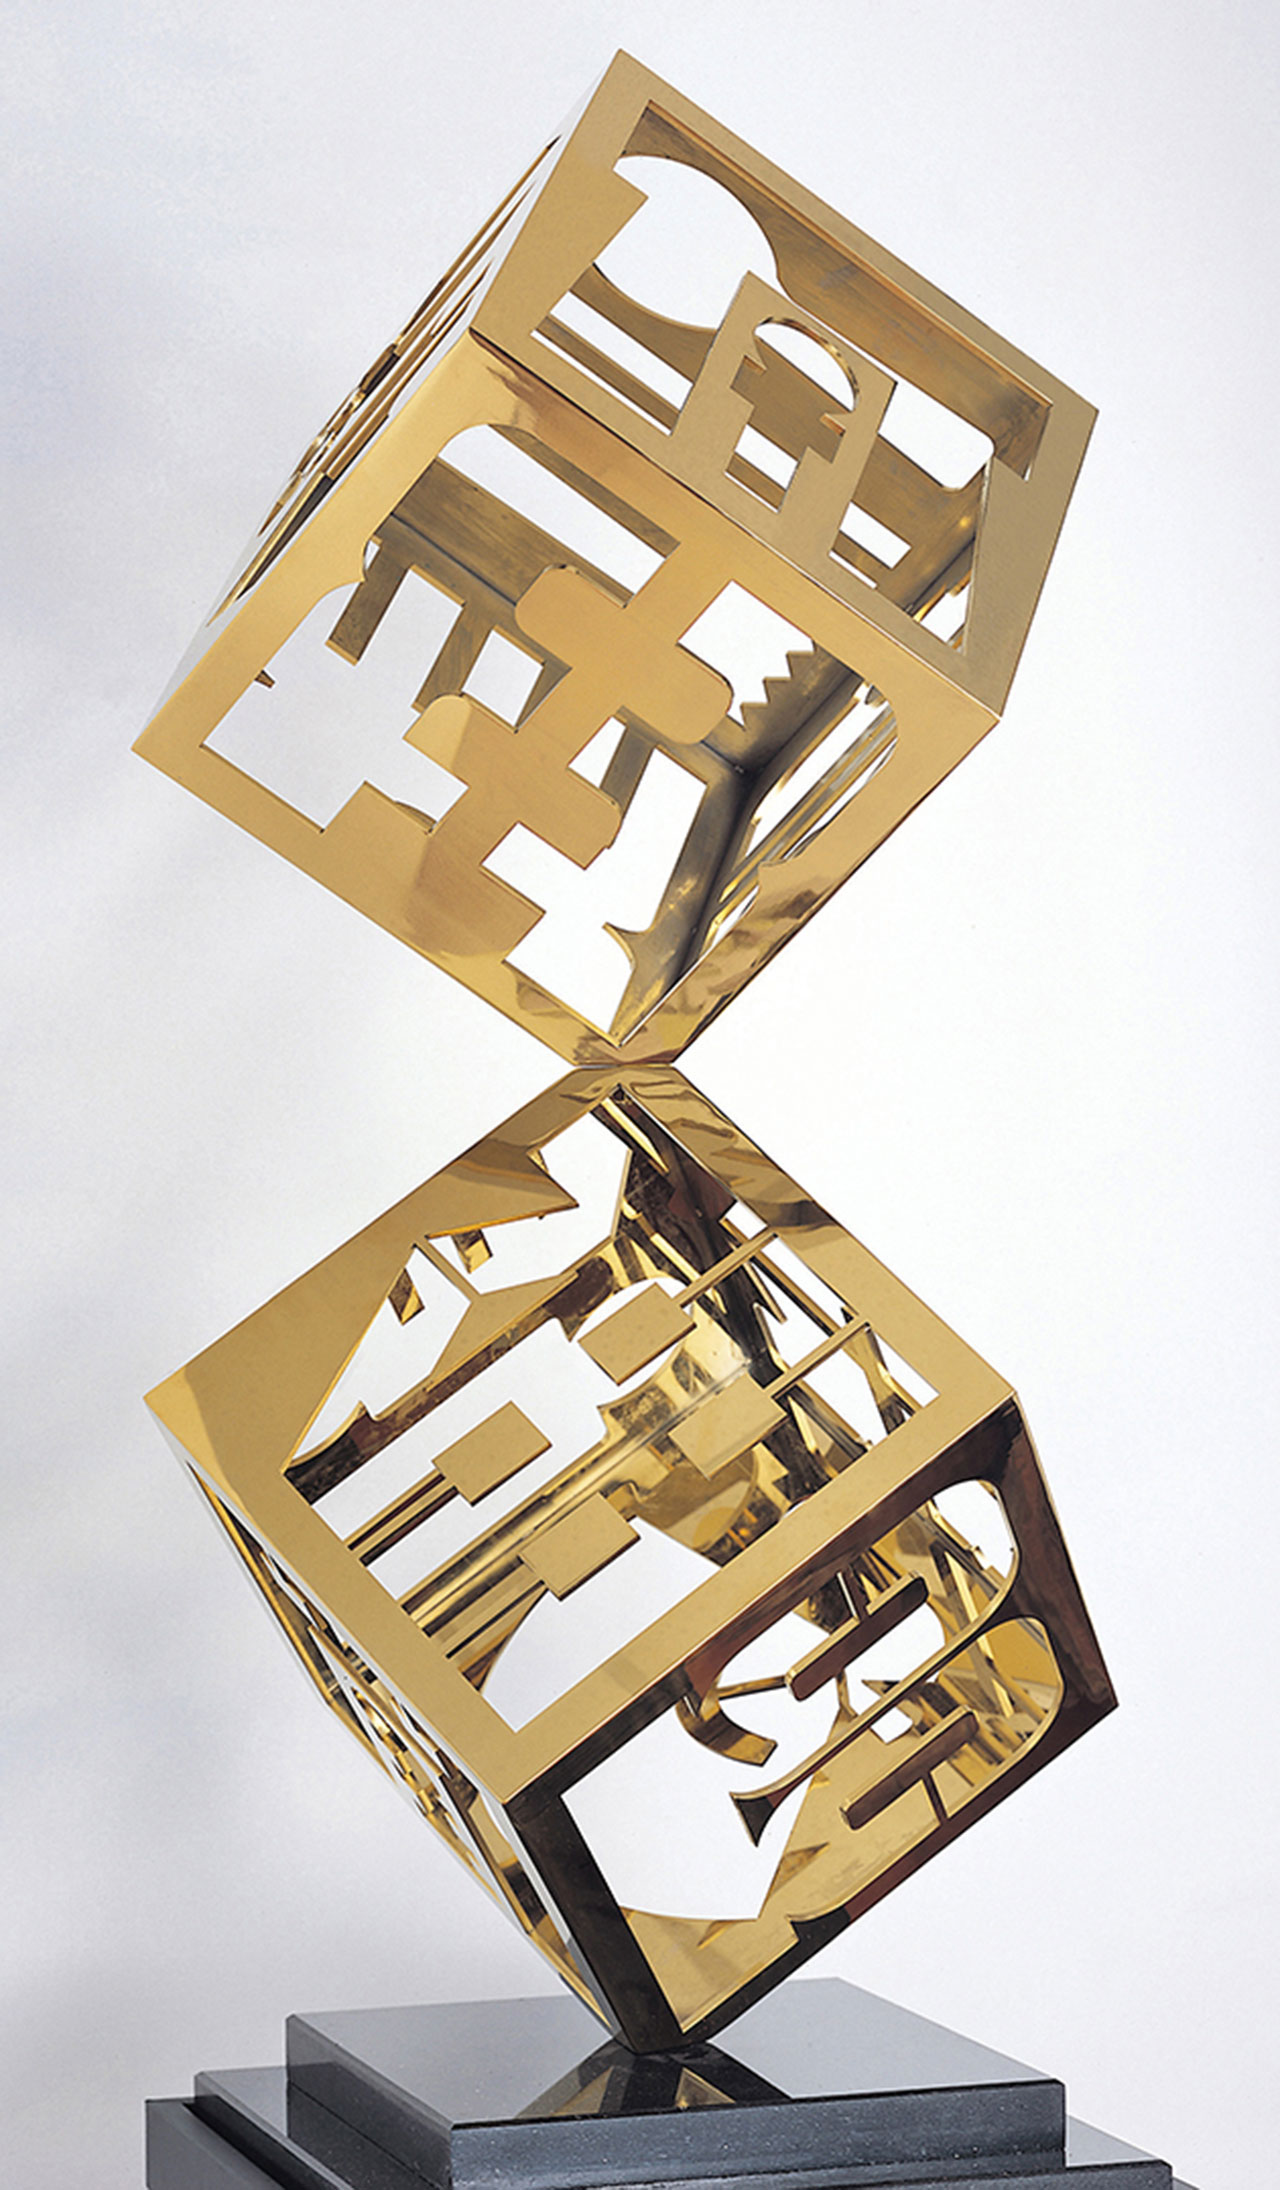 節慶之柱(四) 不鏽鋼 185x70x70cm